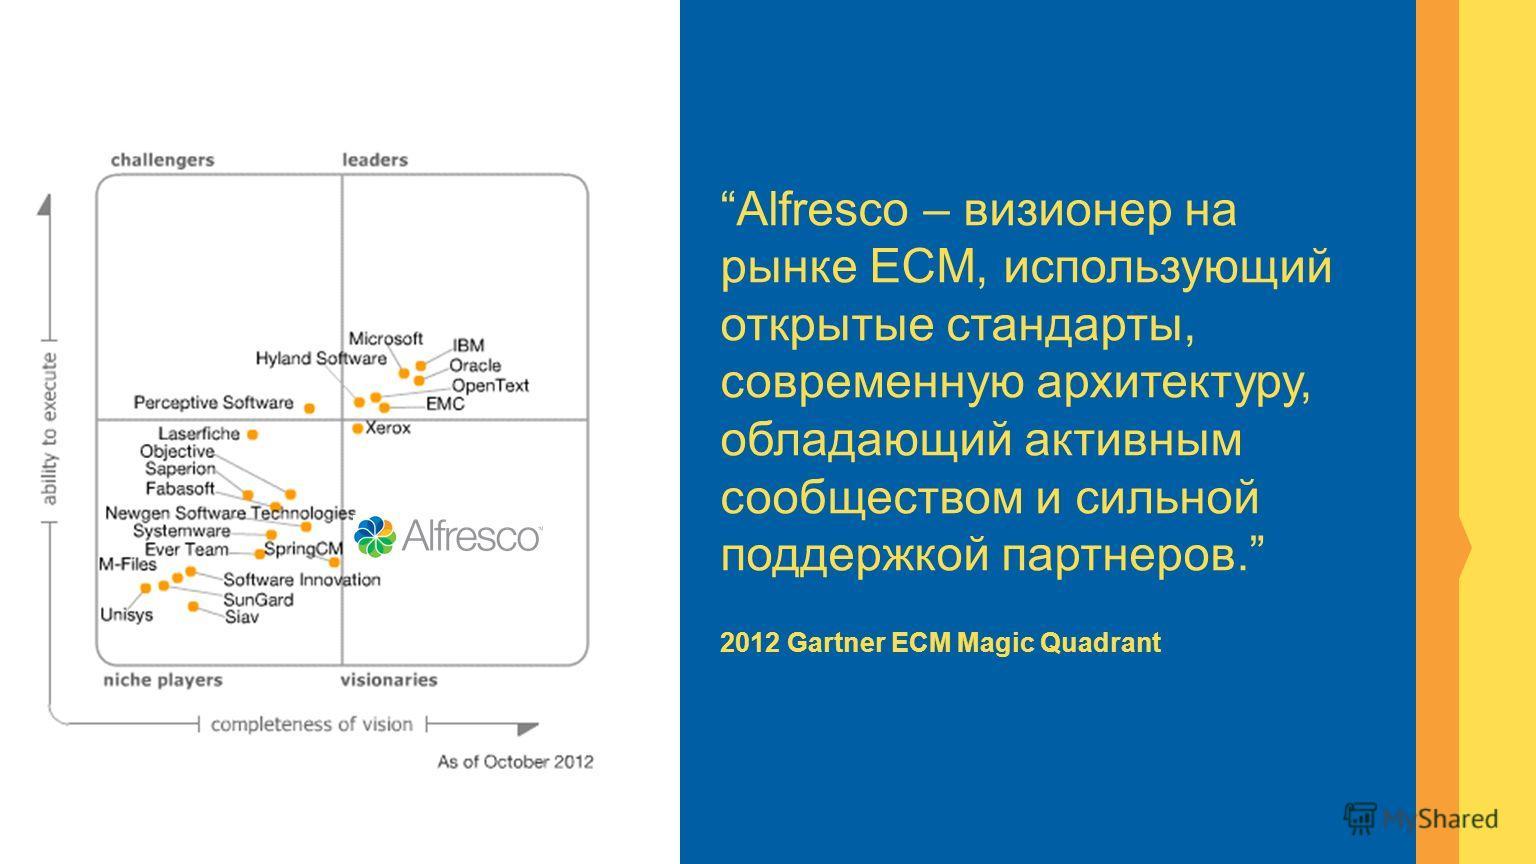 Alfresco – визионер на рынке ECM, использующий открытые стандарты, современную архитектуру, обладающий активным сообществом и сильной поддержкой партнеров. 2012 Gartner ECM Magic Quadrant